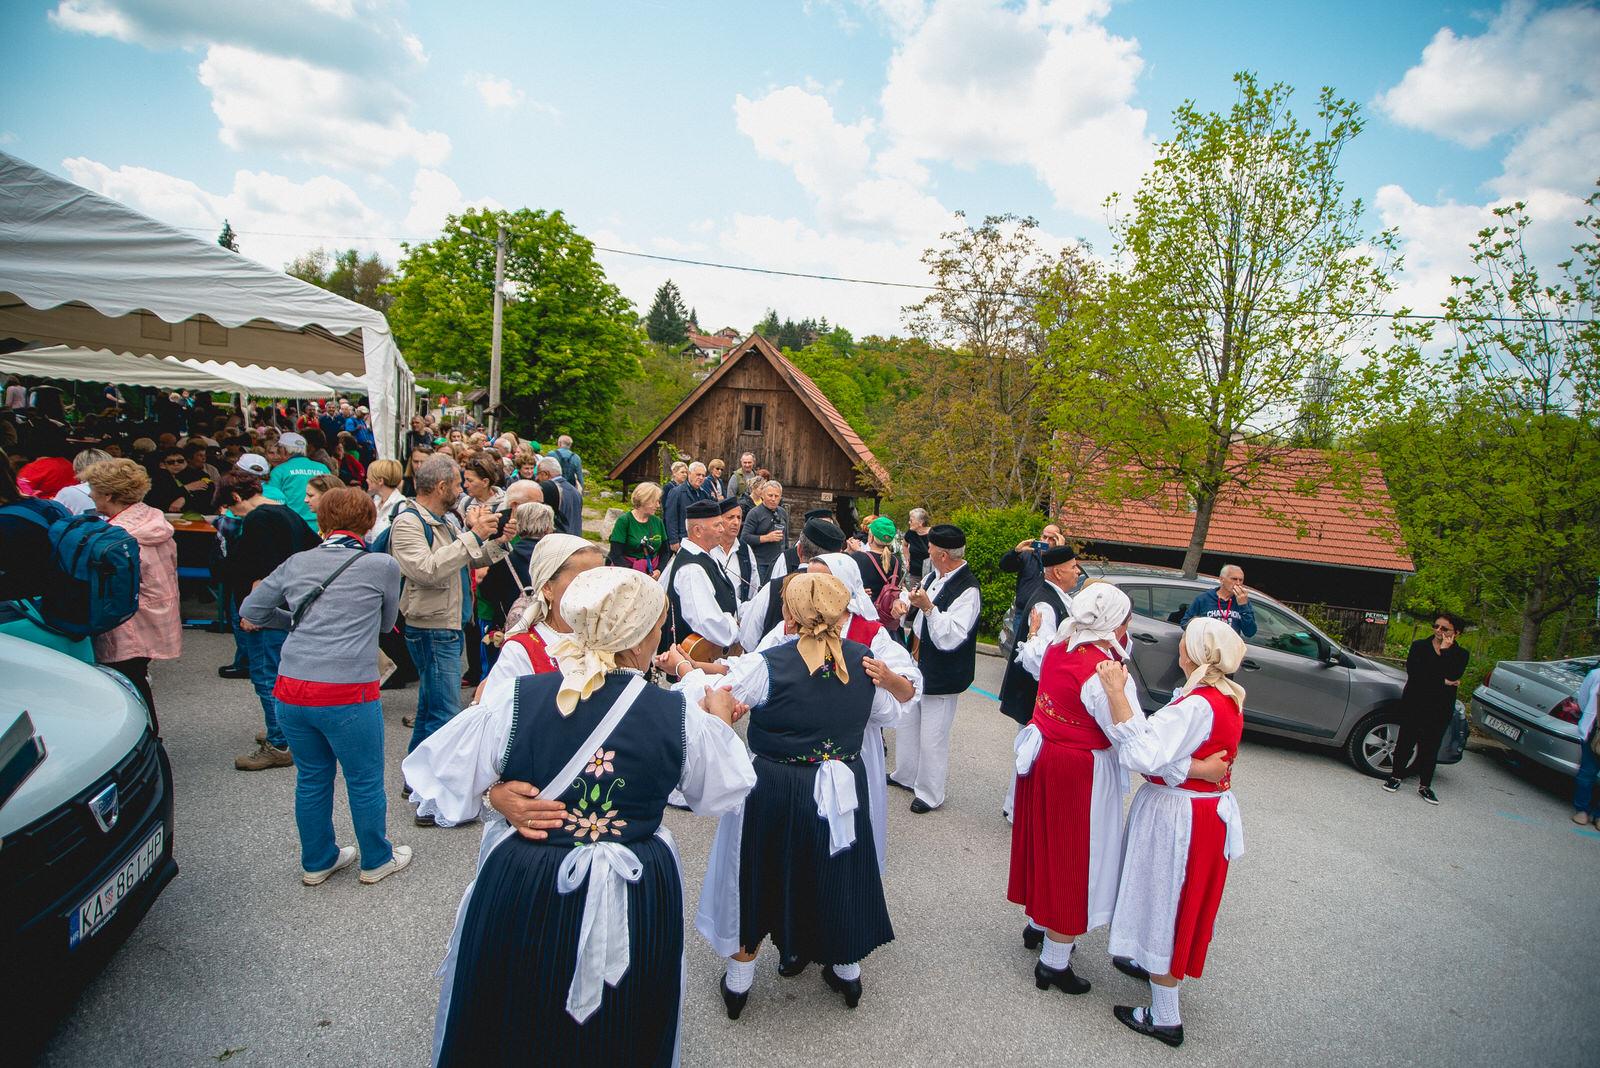 likaclub_slunj_rastoke_5-festival-nordijskog-hodanja_2019-100